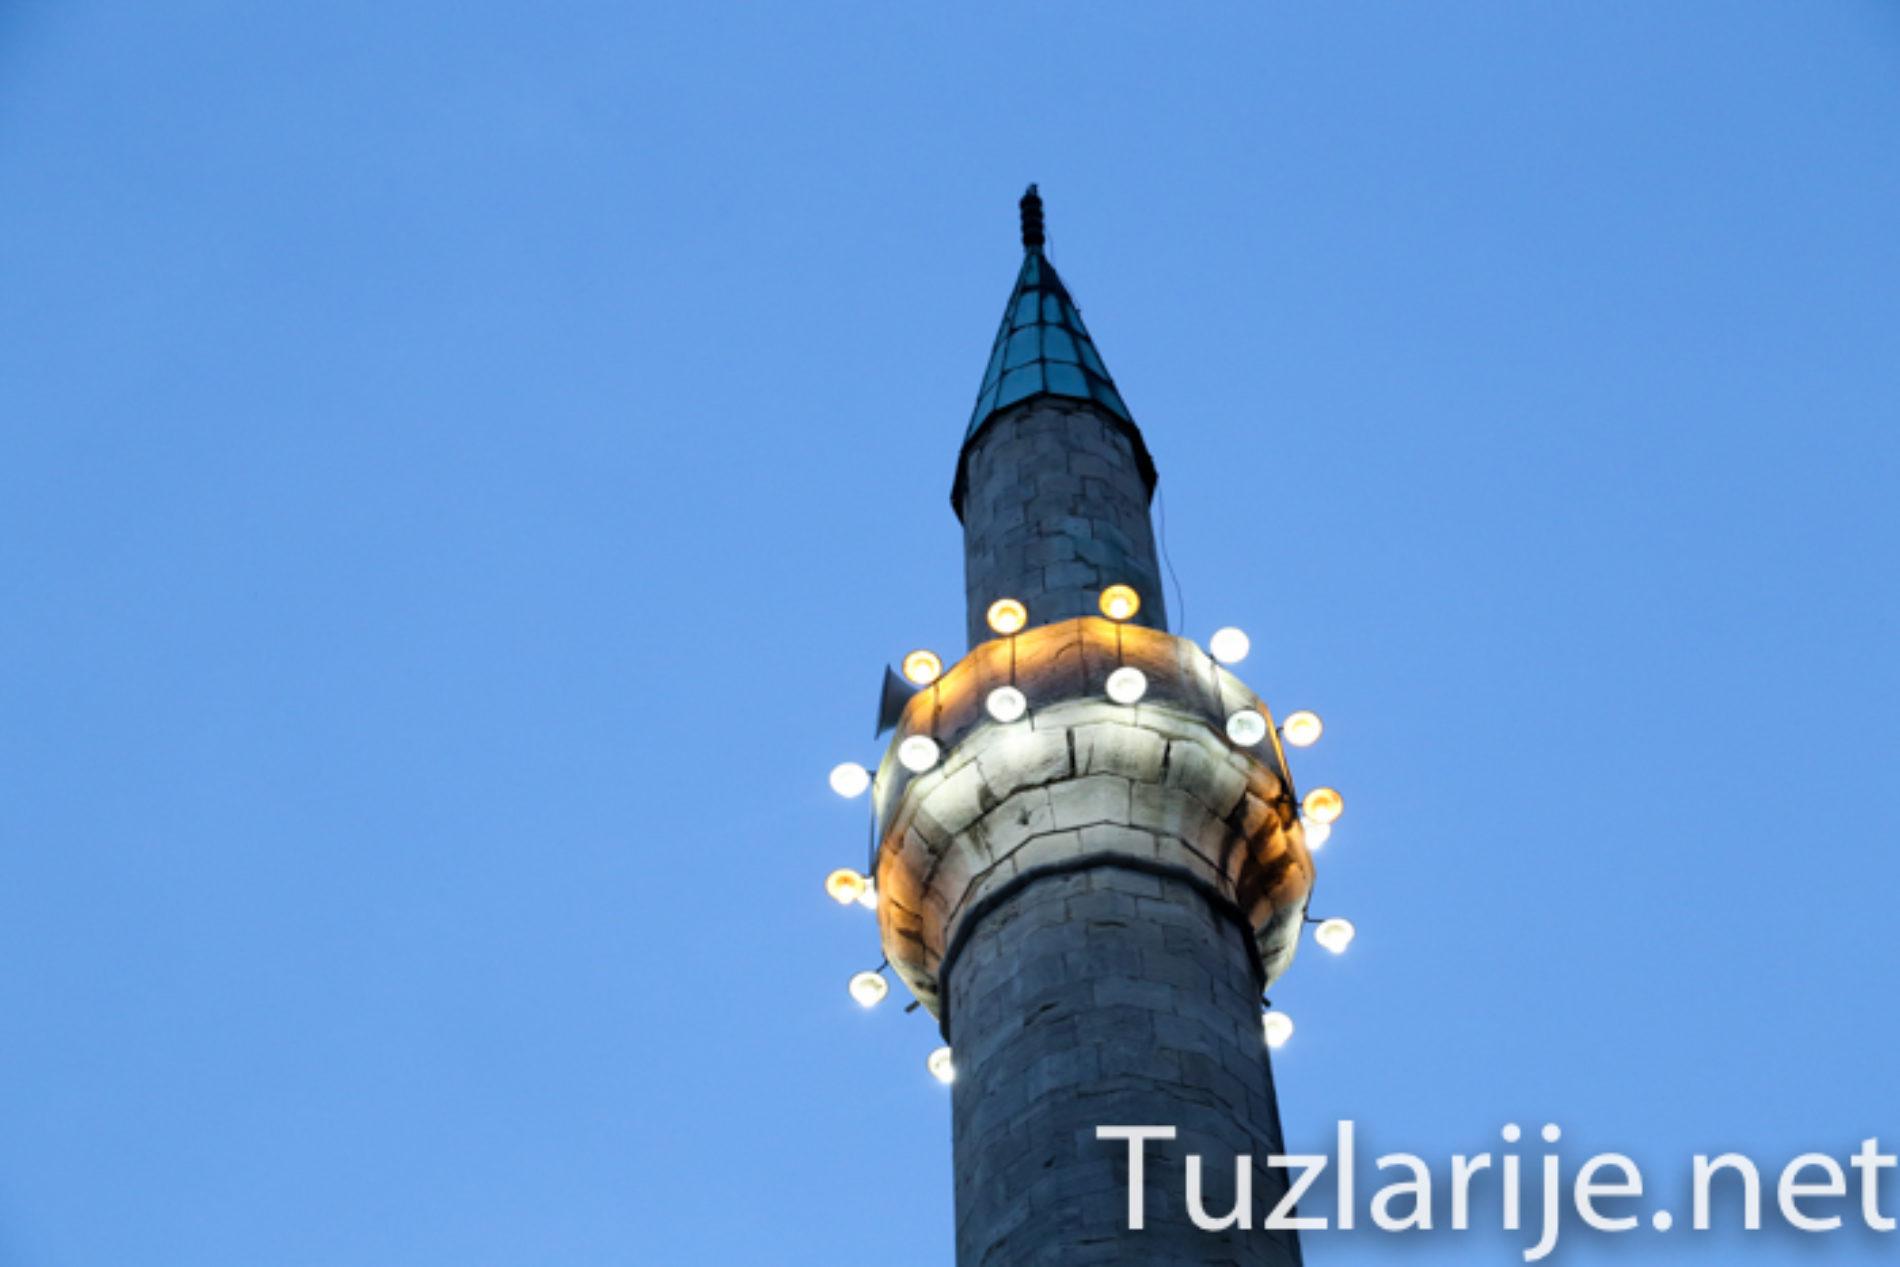 Ramazan u Jalskoj džamiji: Radost iftara podijeljen sa gostima drugih džemata (Foto)